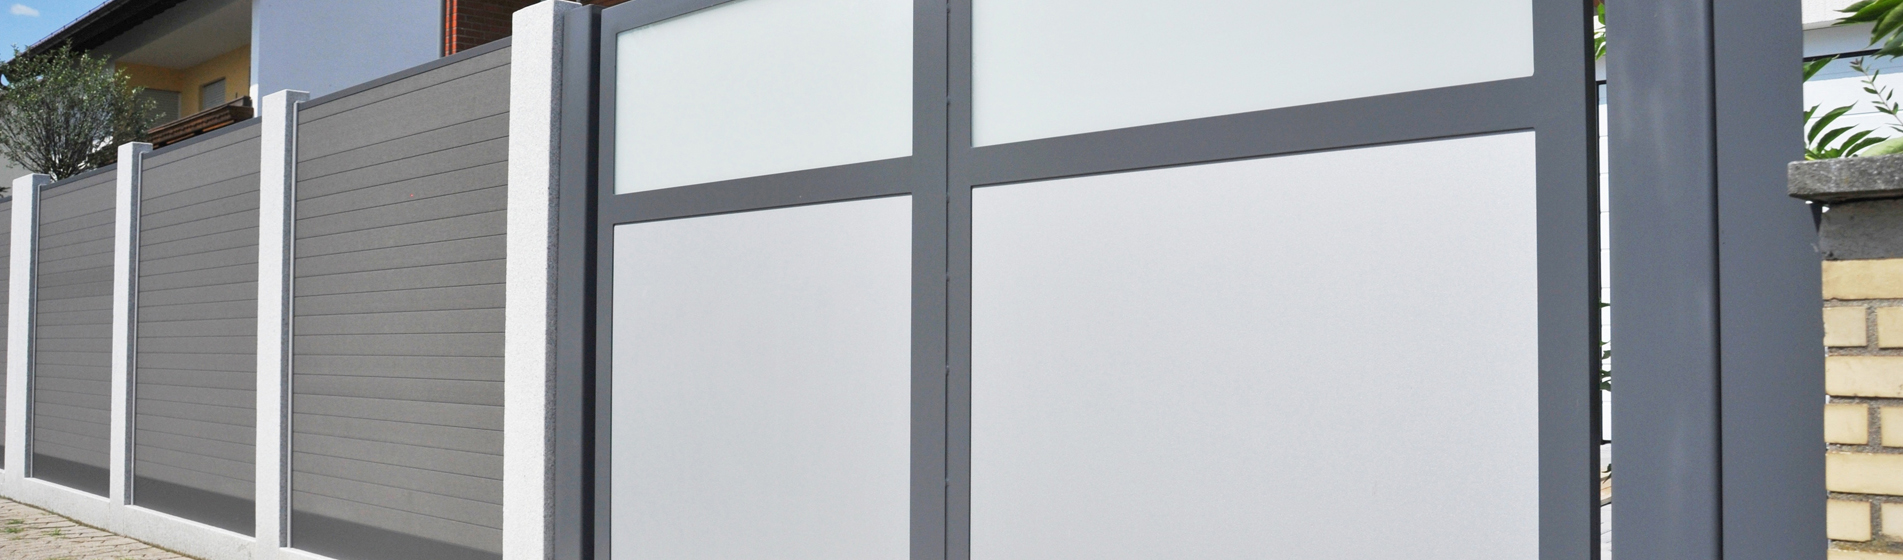 fabricant portail coulissant sur-mesure 84 Vaucluse